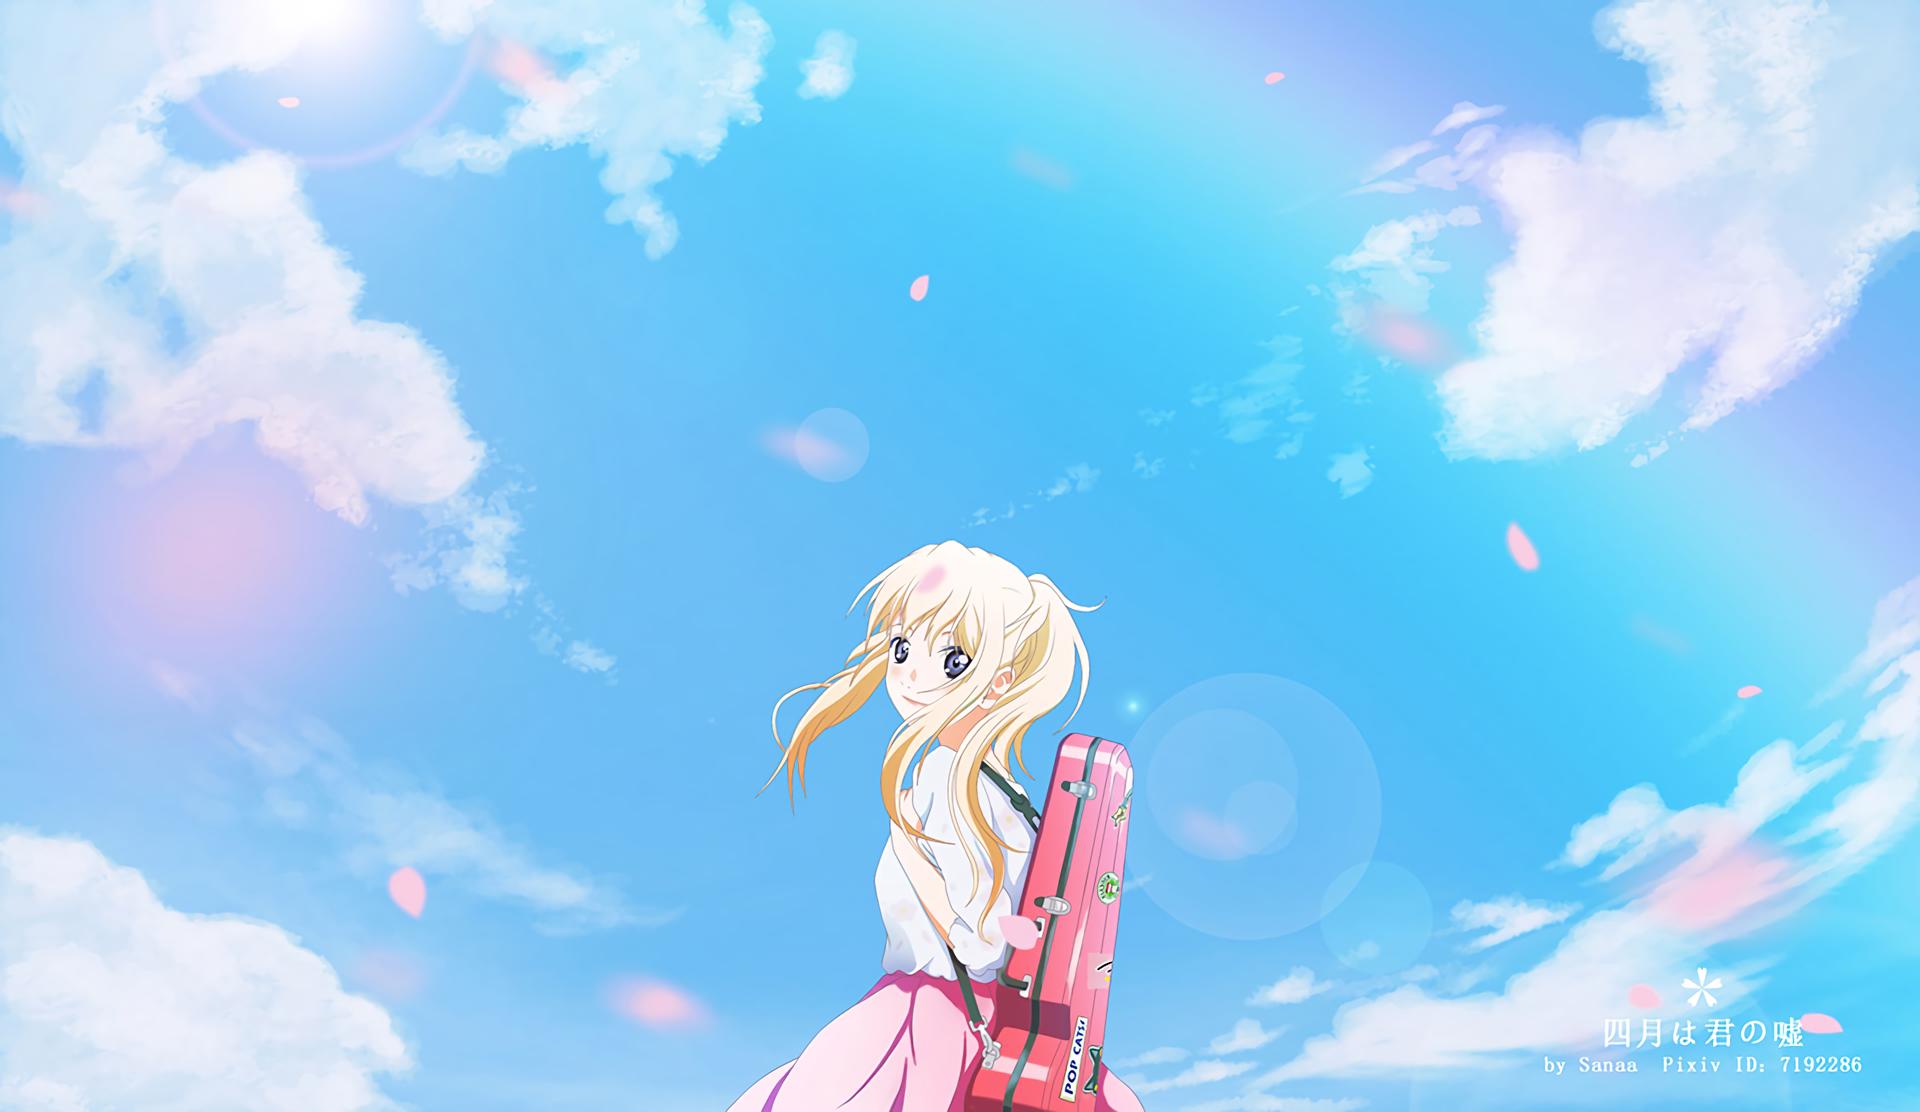 Download 62 Background Anime Shigatsu Wa Kimi No Uso Paling Keren